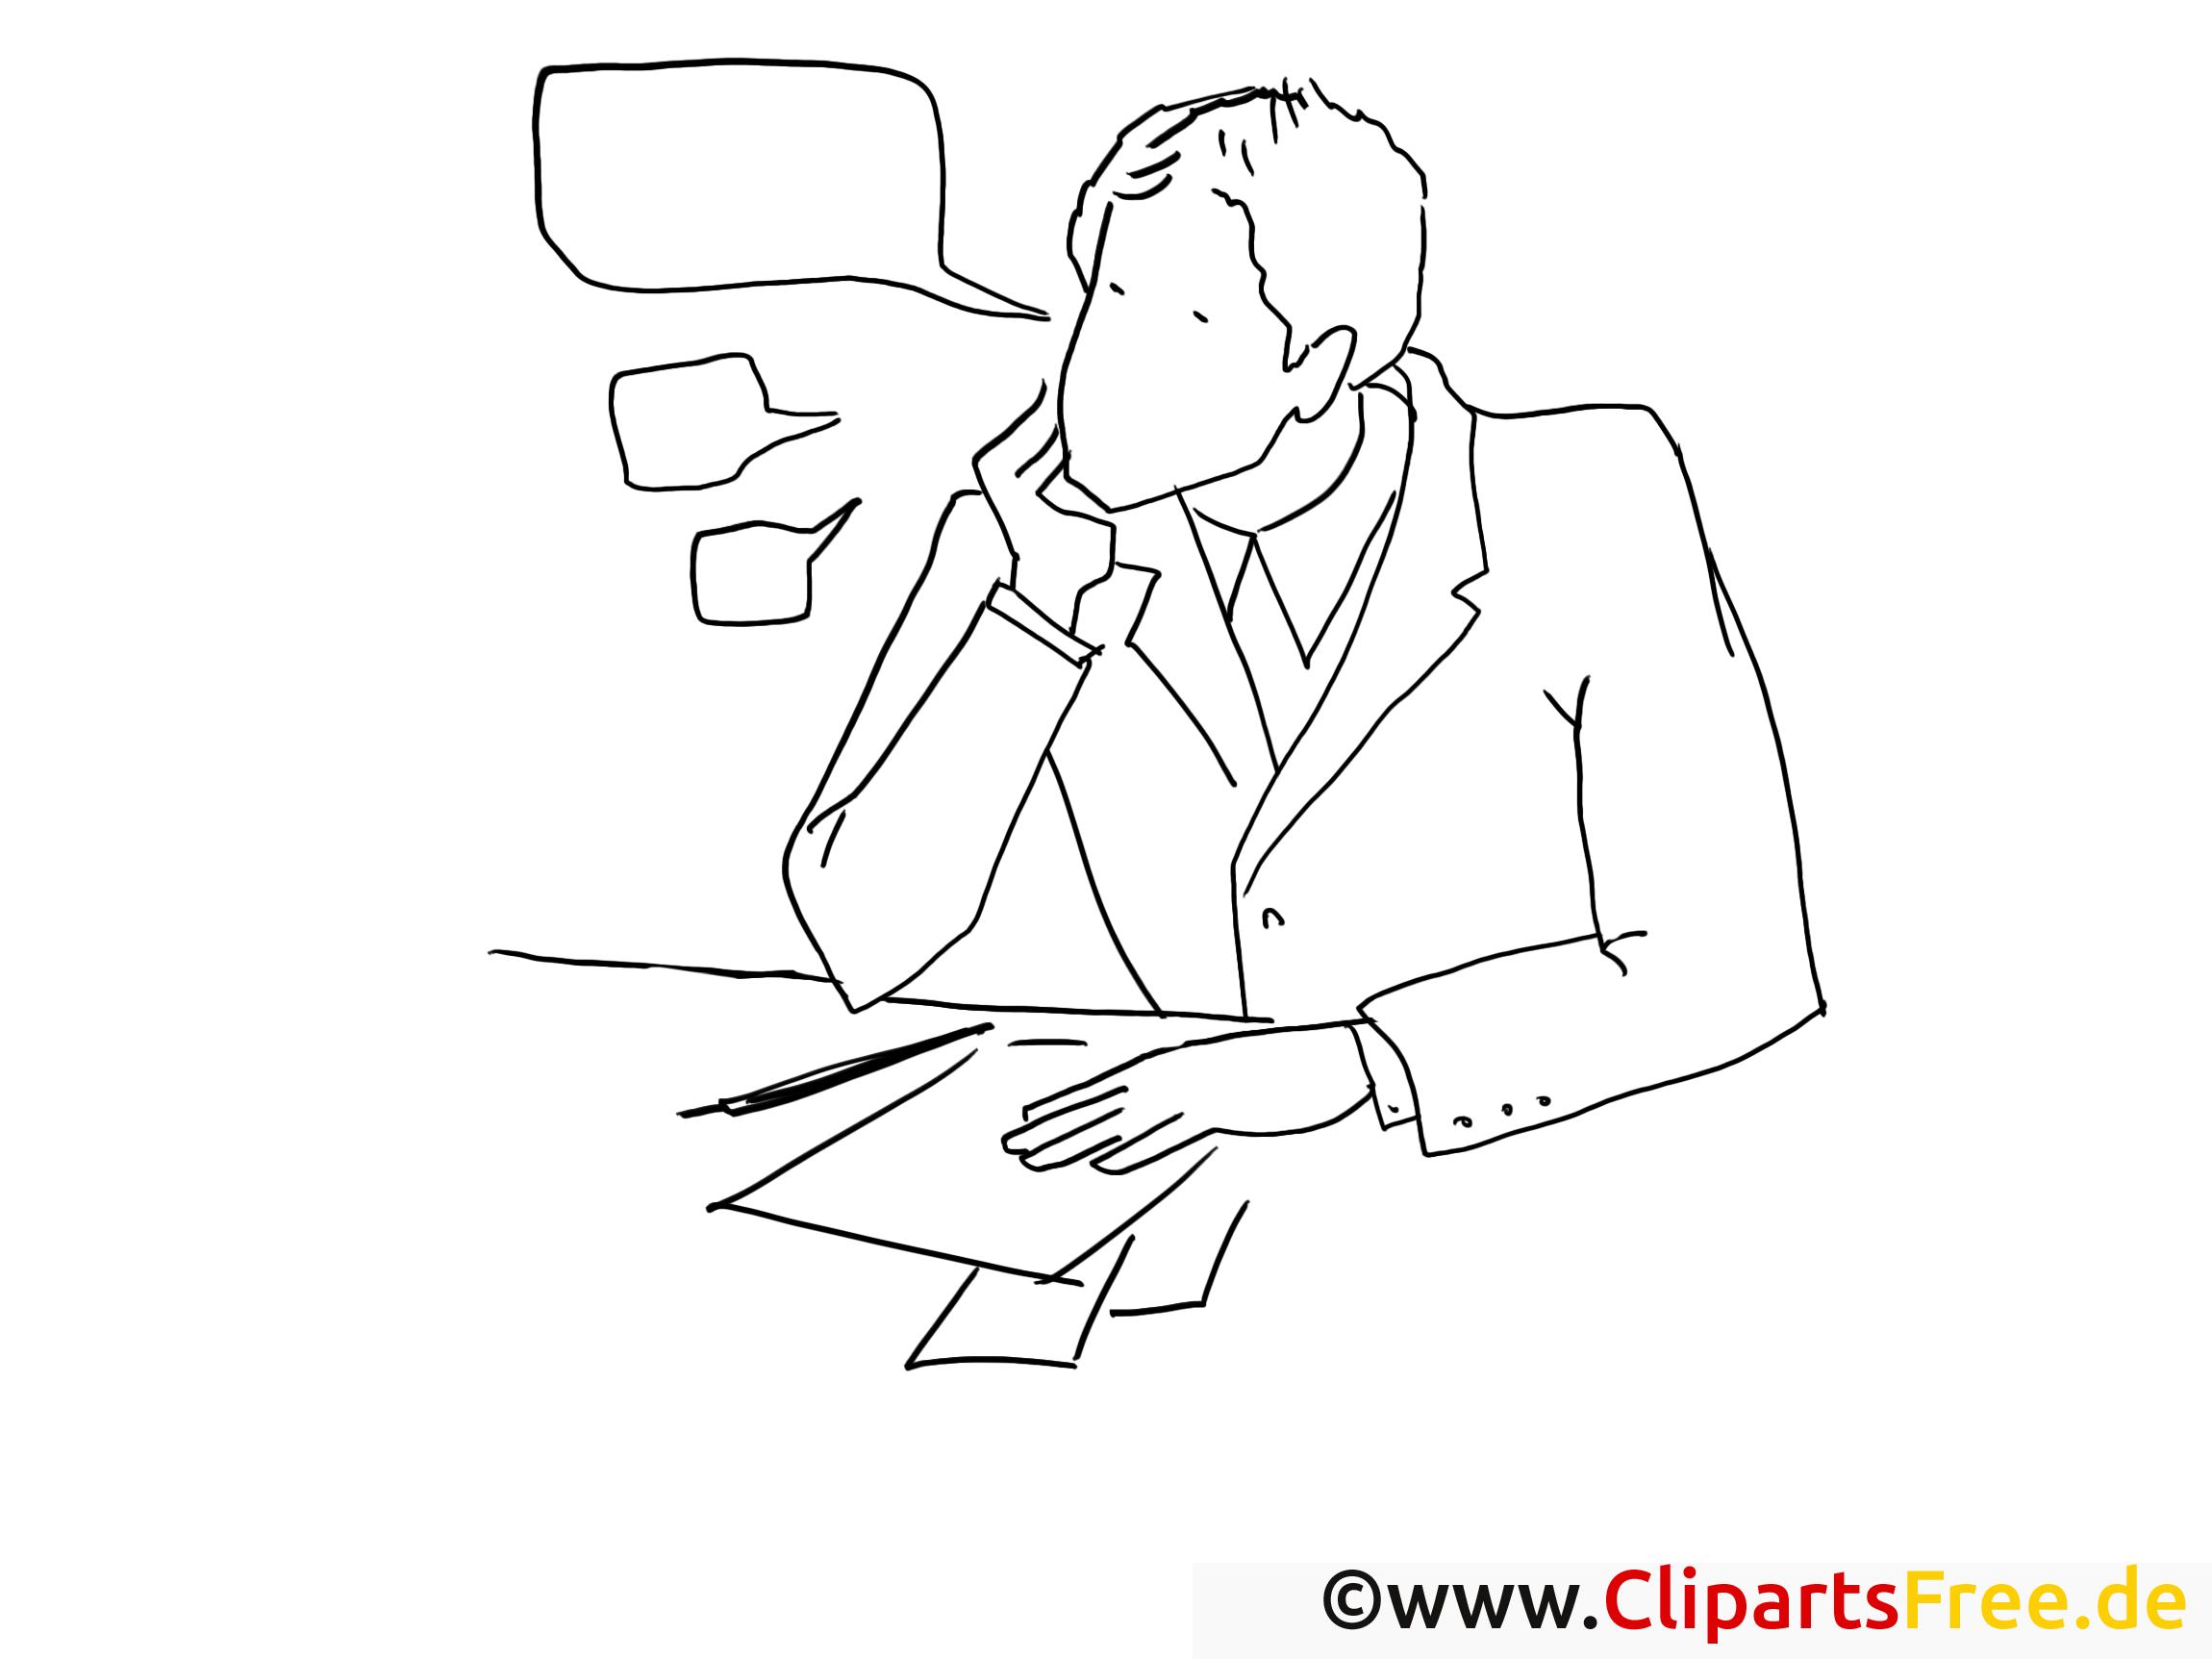 Demande dessin à télécharger – Travail à colorier